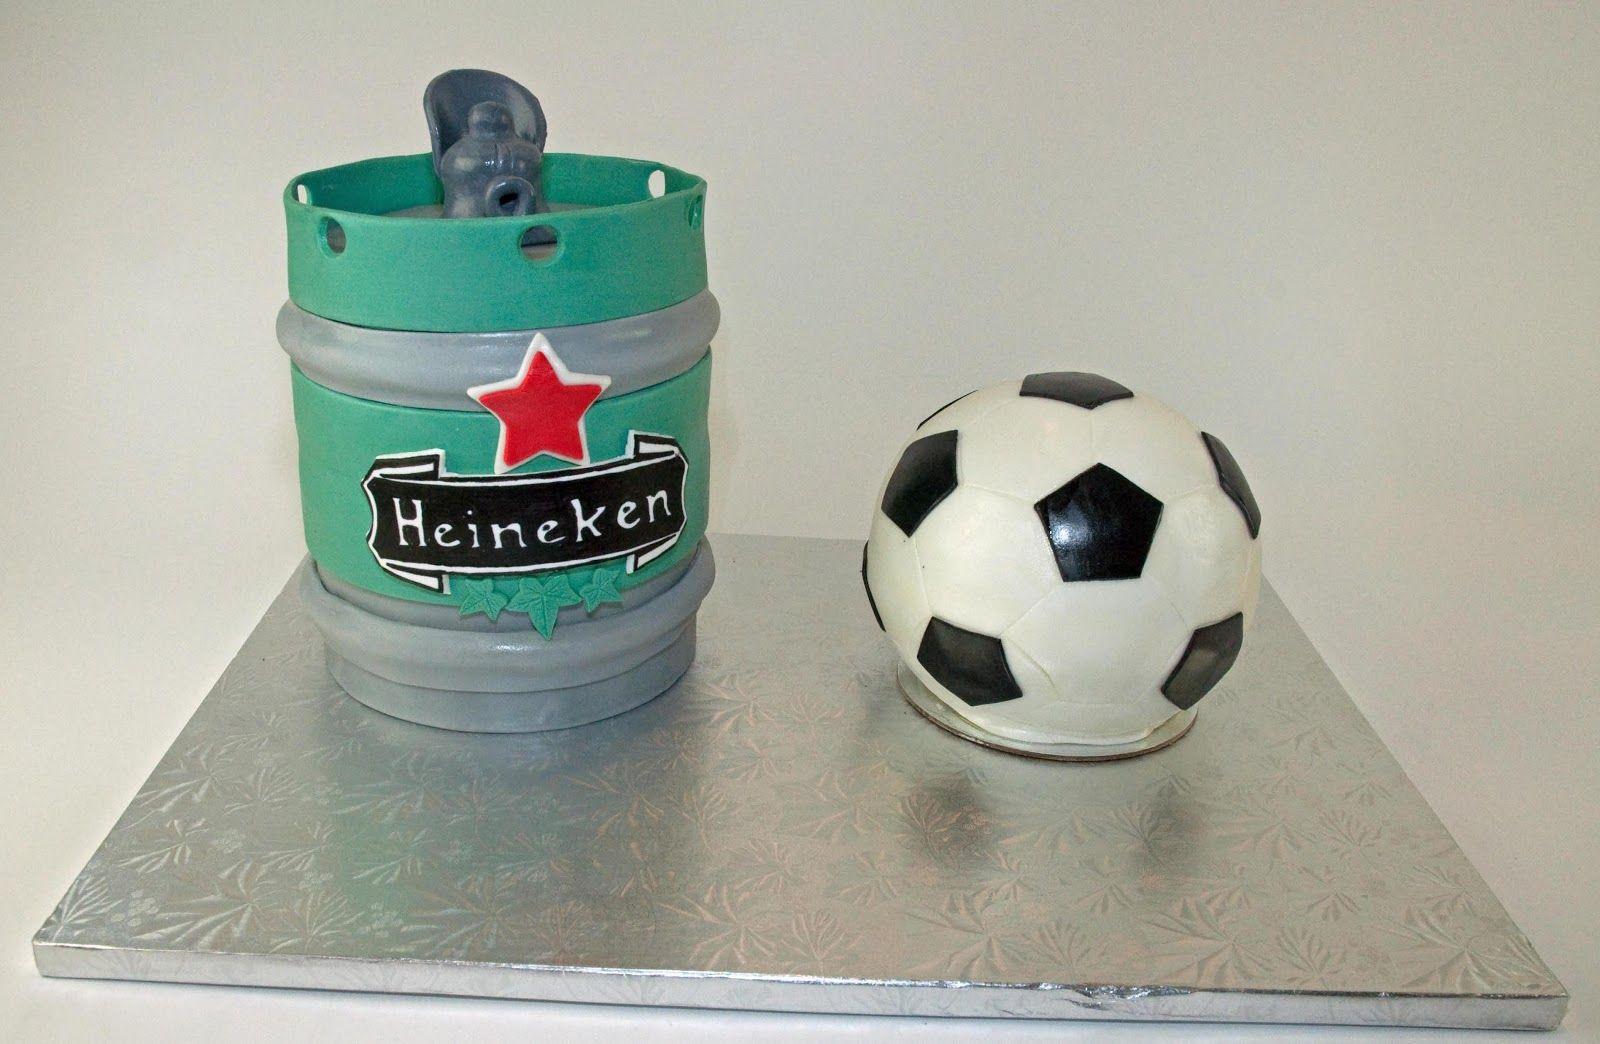 Beer keg and soccer ball cake!